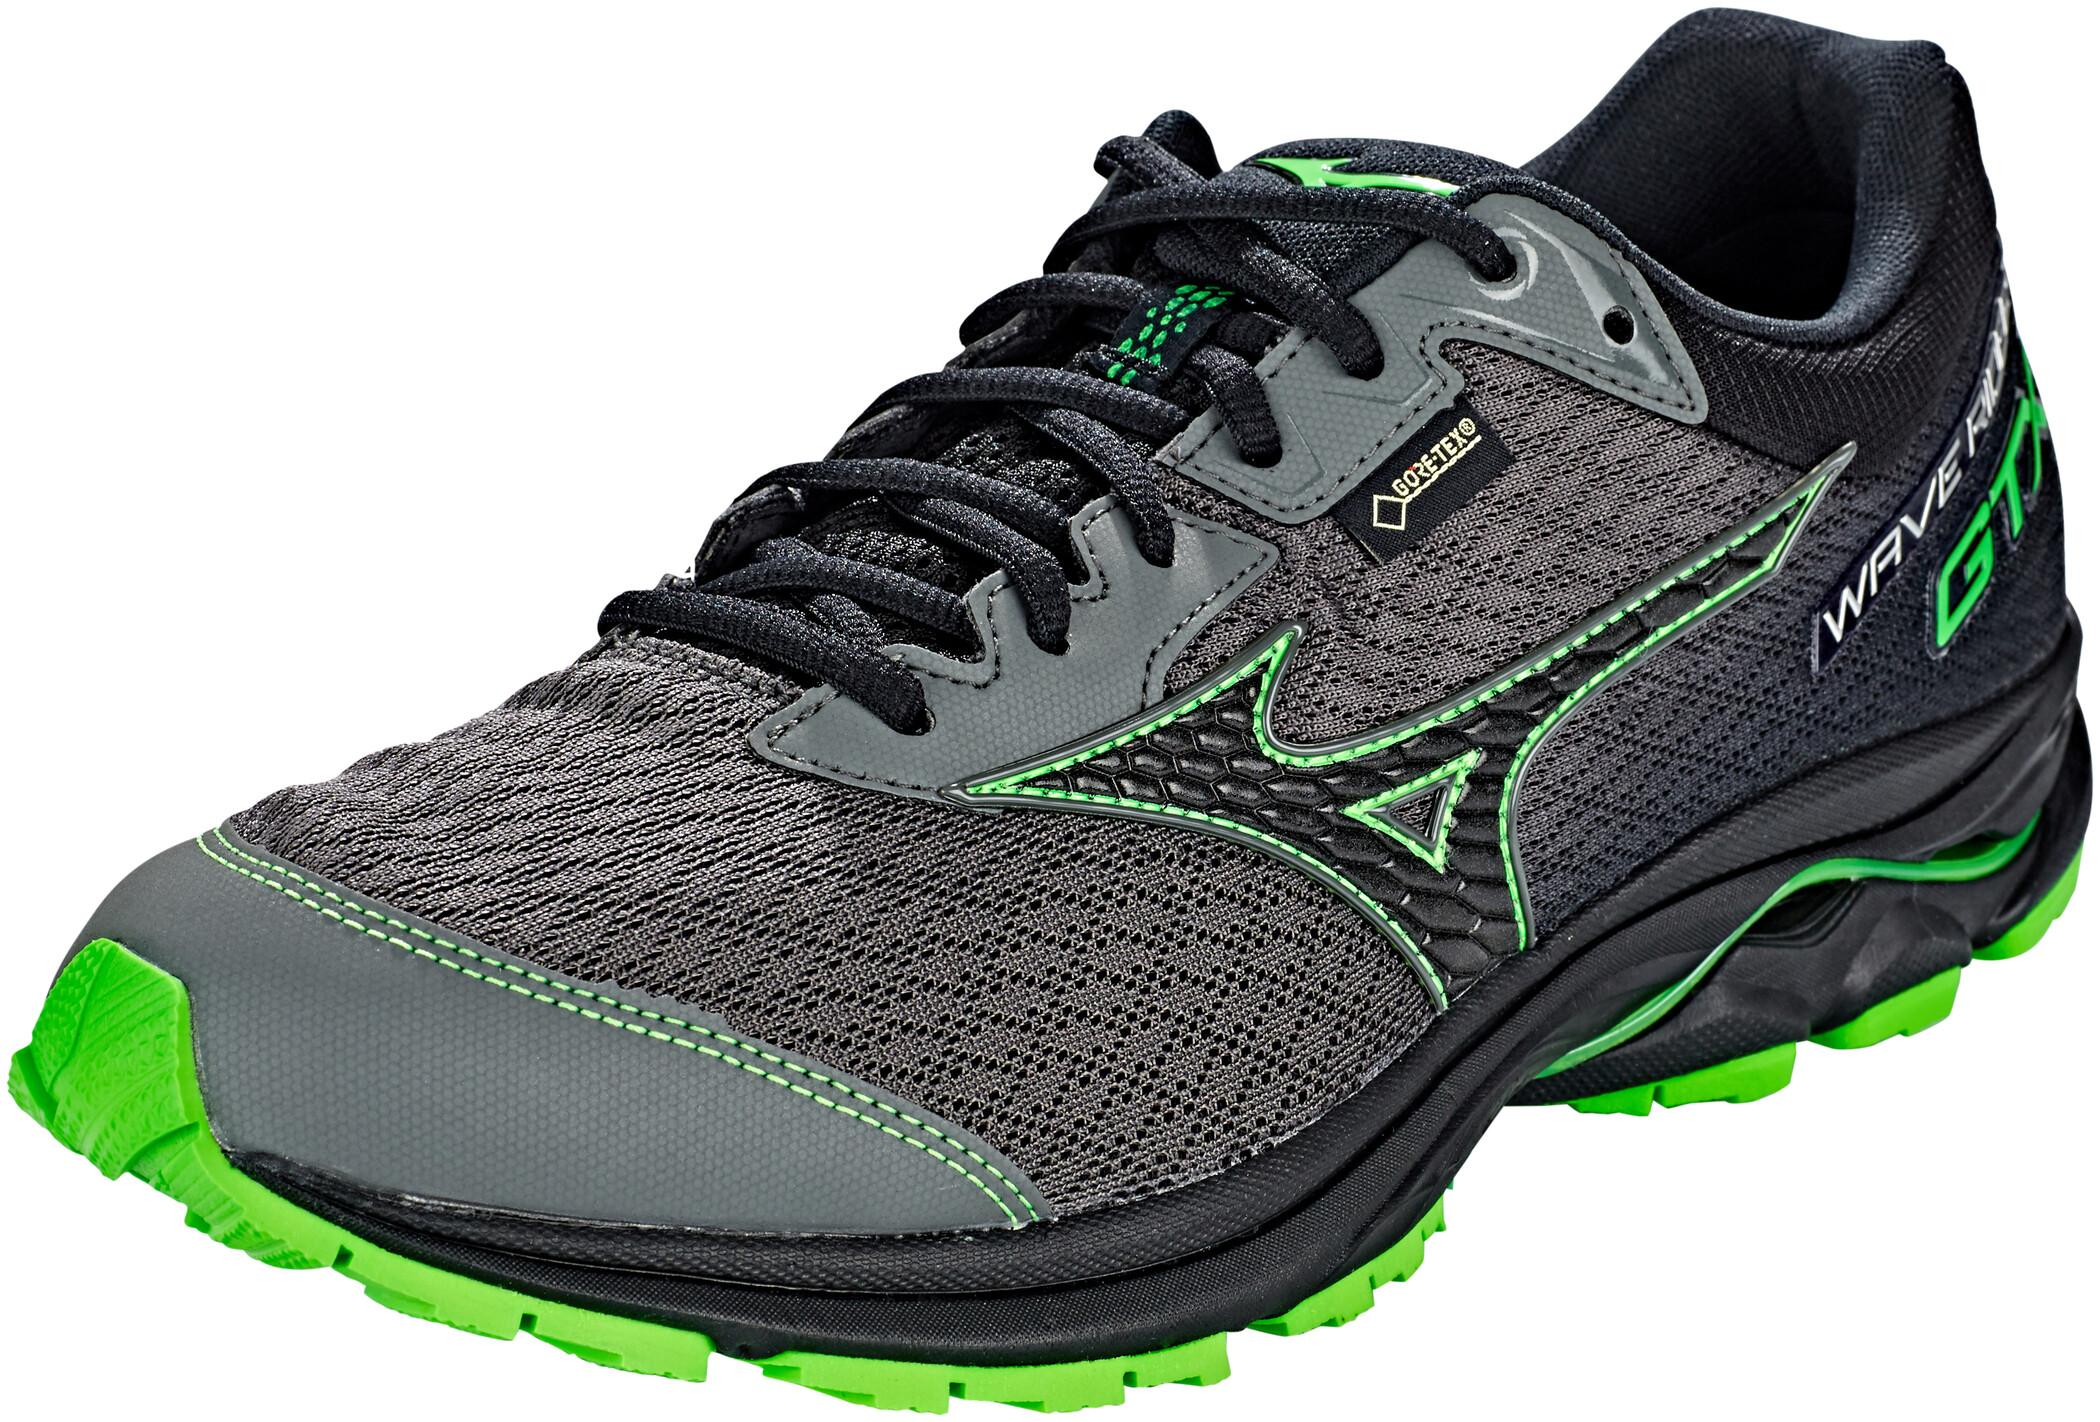 Köp nu Dam Nike Dual Fusion Run Svart Neo Turq laser